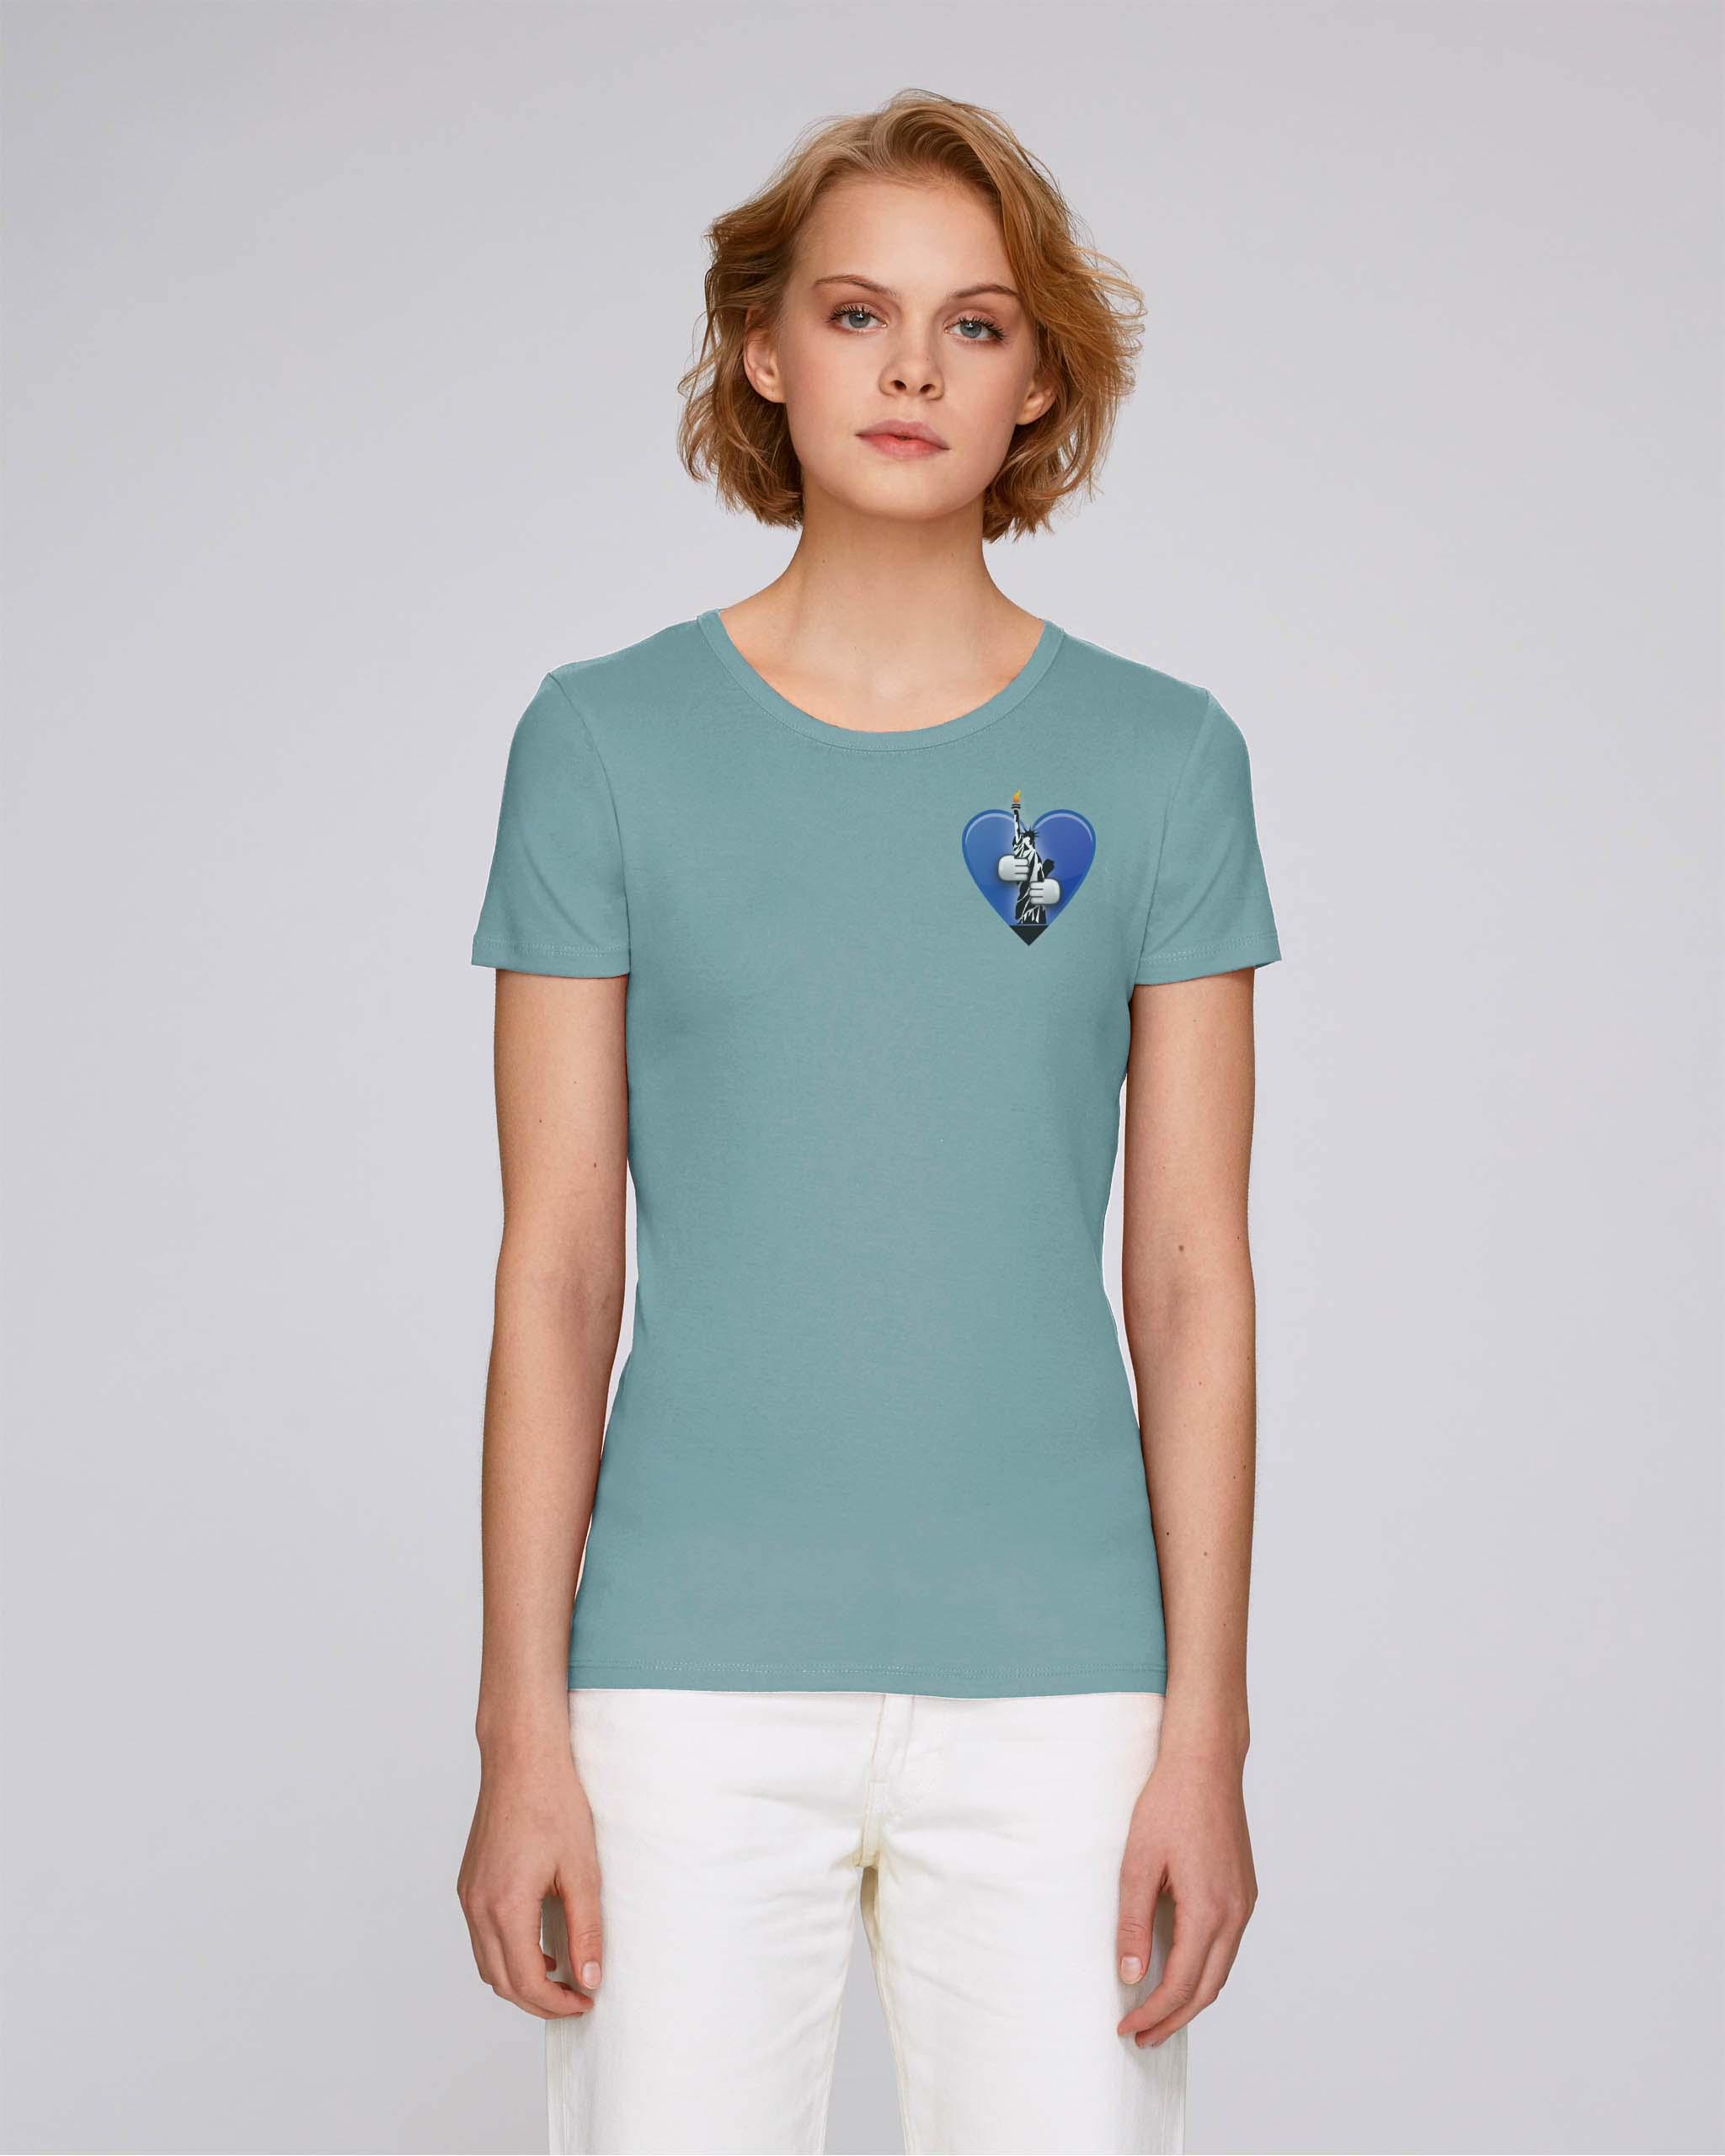 T-Shirt Bio bleu clair Femme – New york tee